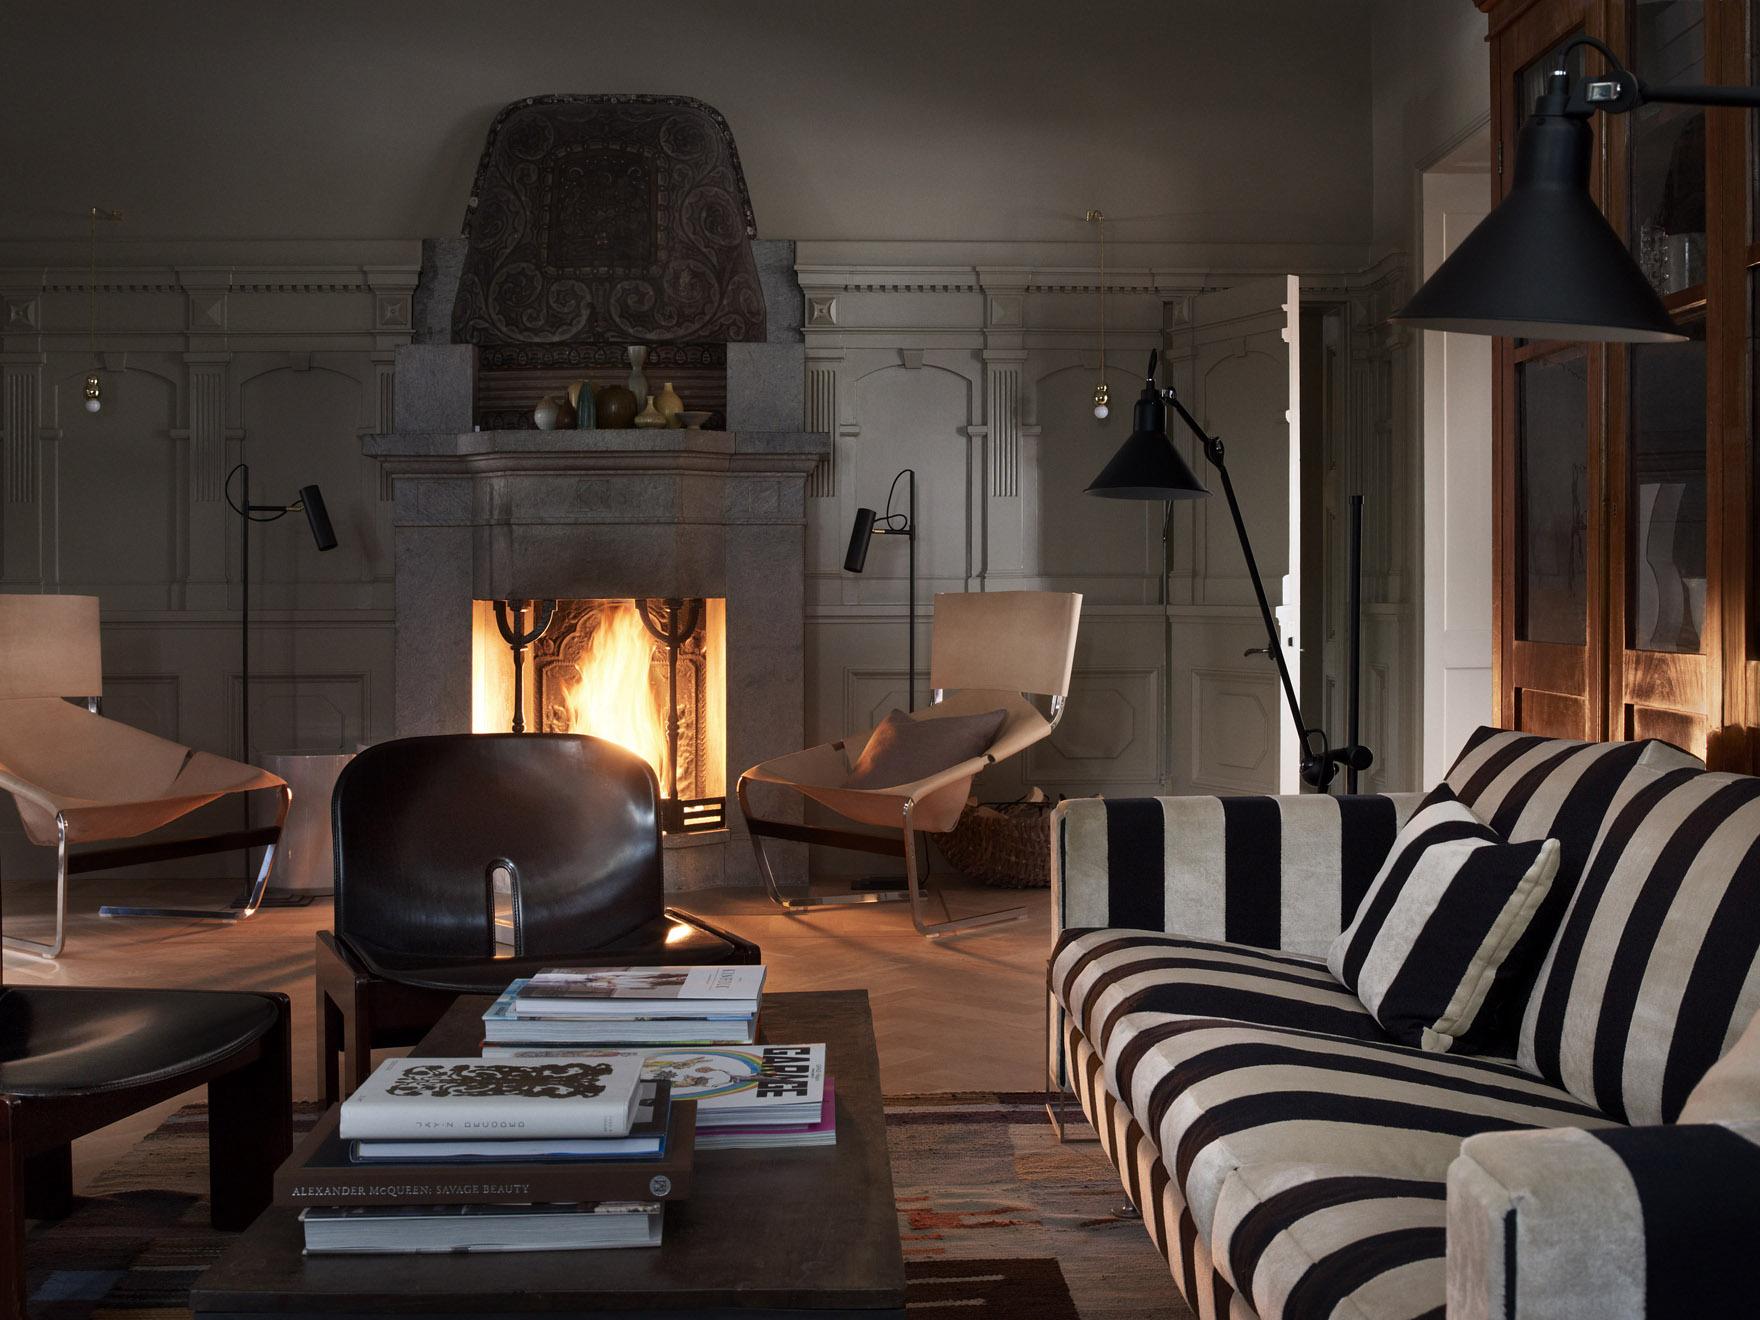 interior-oppen-spis_ett-hem_badrumsdrommar